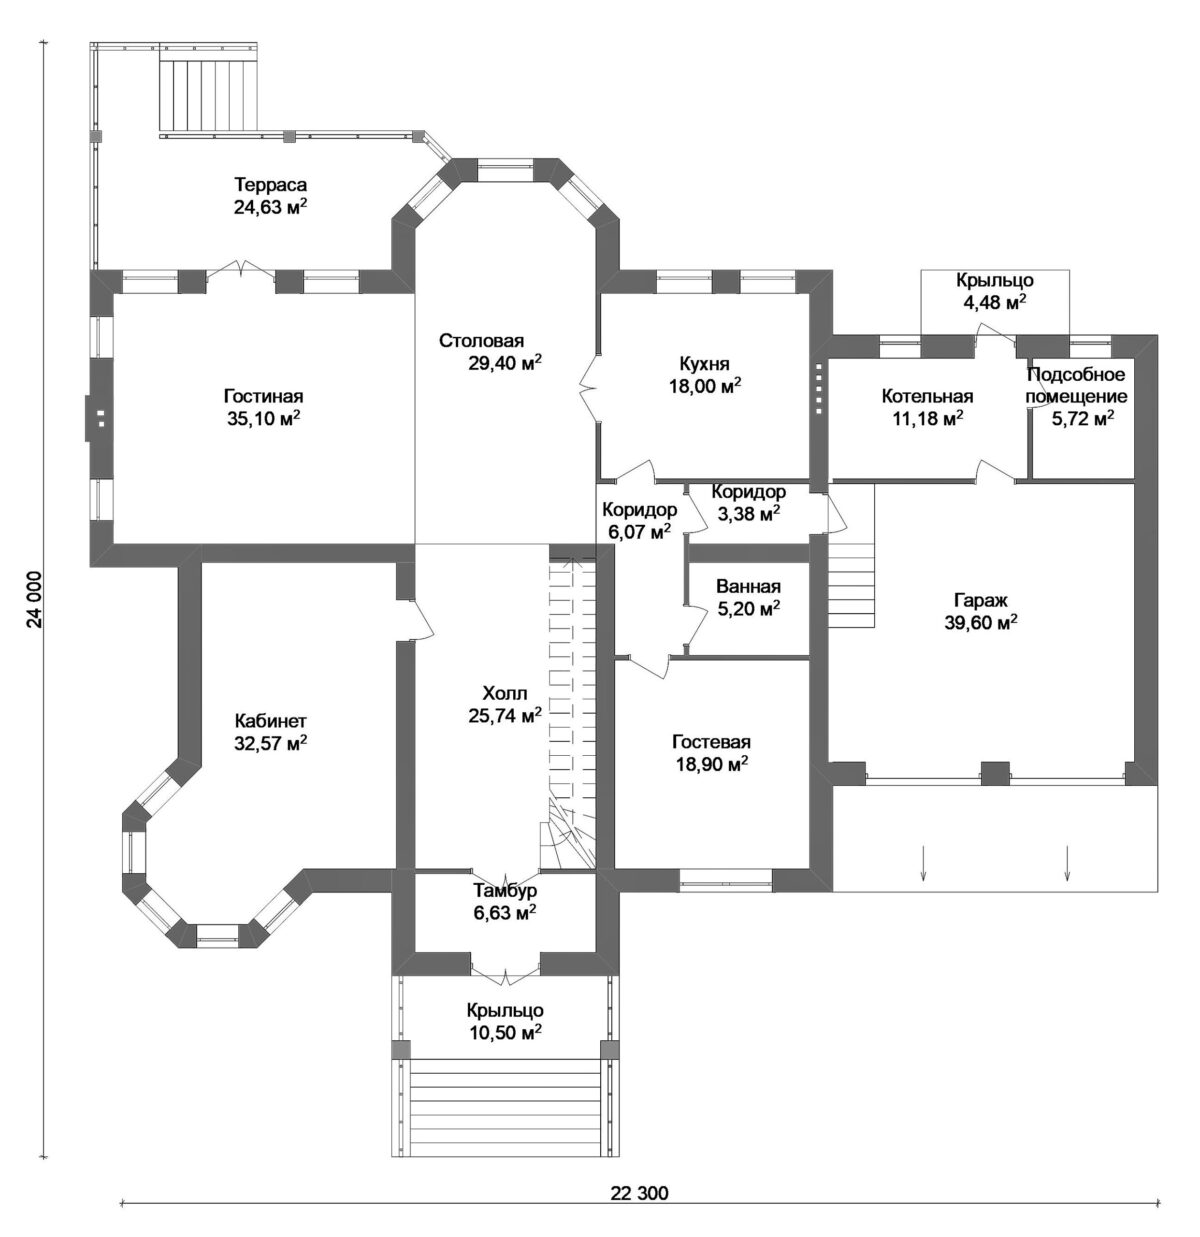 Стронг F-009. Проект большого мансардного коттеджа на 4 спальни, с террасой и гаражом